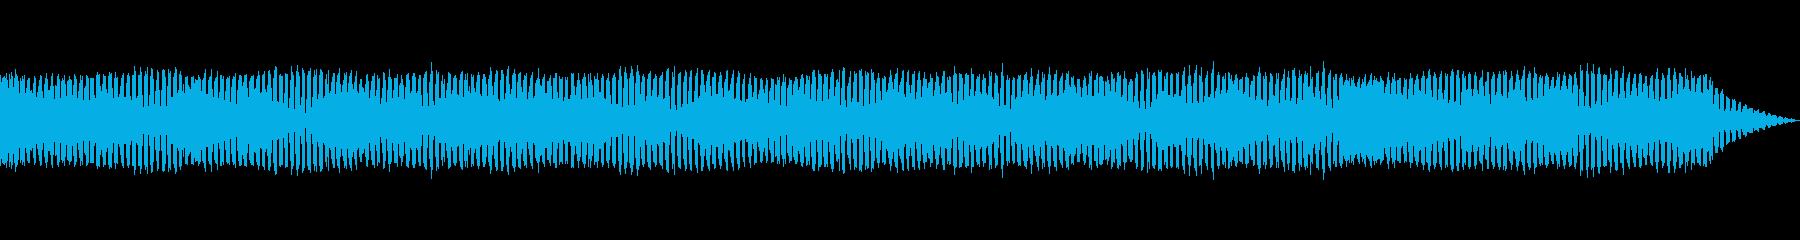 【生録音】風情のある日本の秋の虫の声 1の再生済みの波形